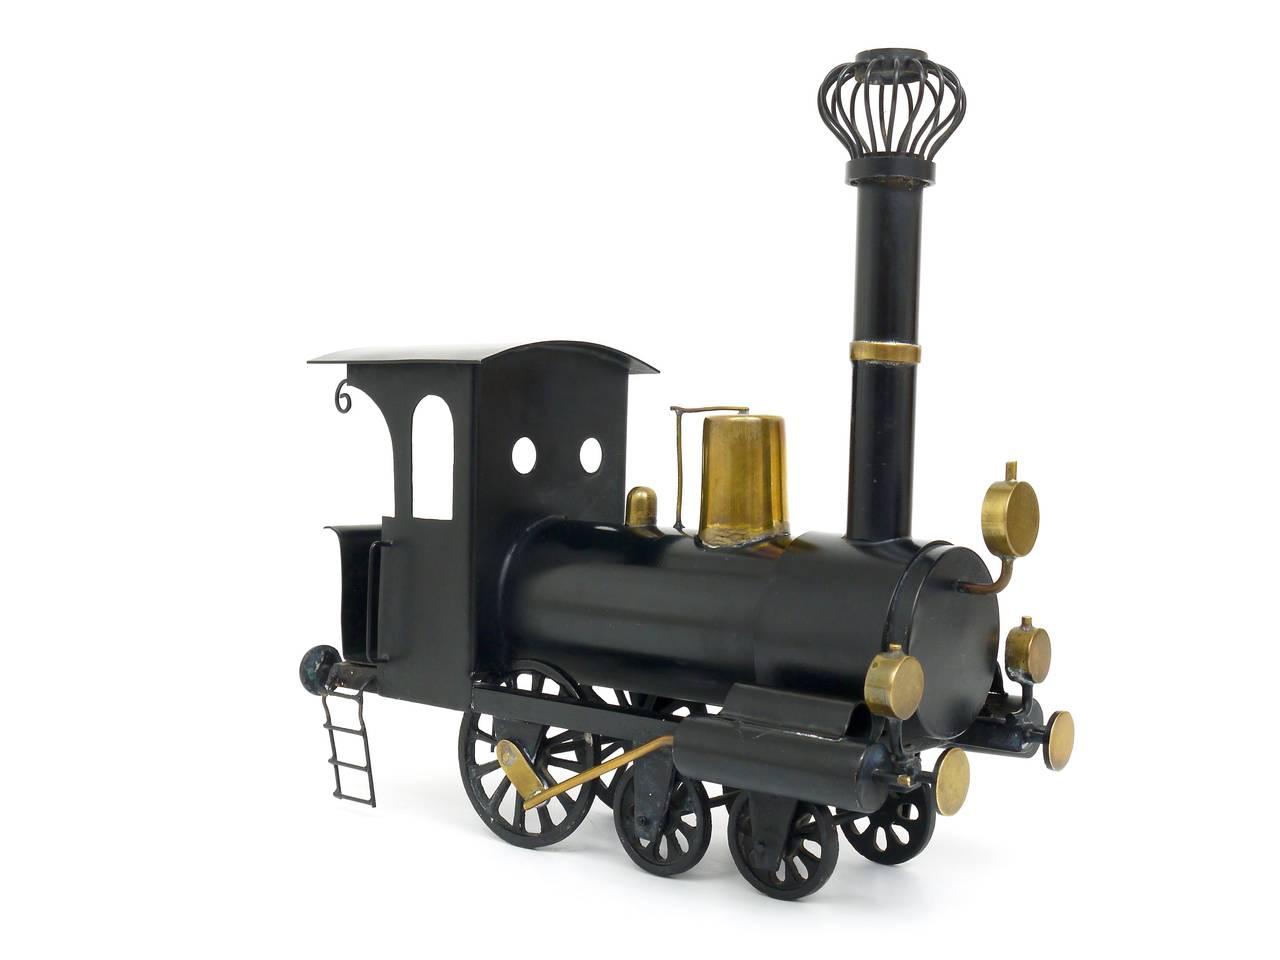 Austrian Rare WHW Hagenauer Brass Locomotive Steam Engine, Austria, 1920s For Sale